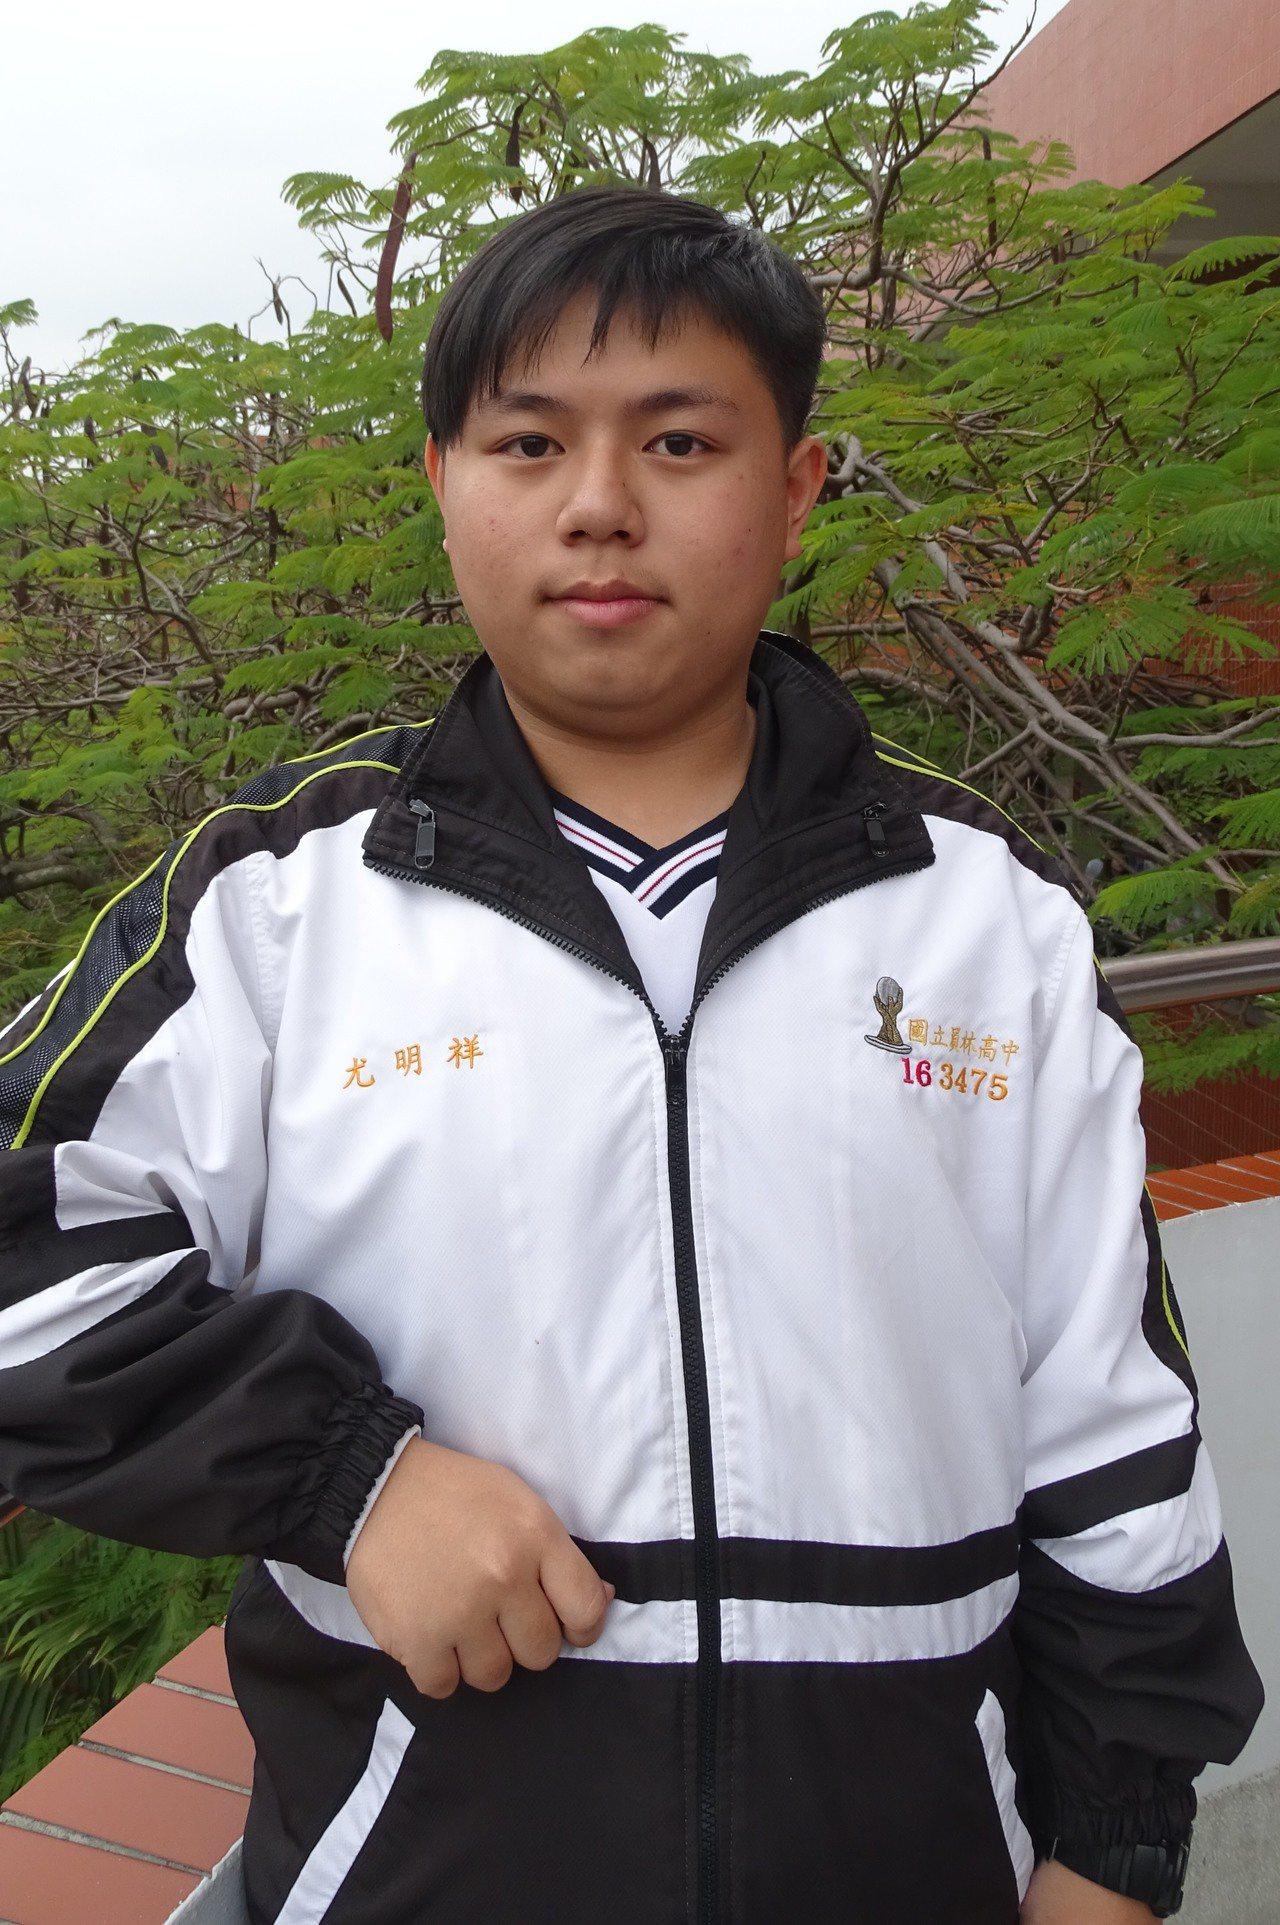 國立員林高中語文實驗班學生尤明祥學測68級分,是彰化縣歷年來學測成績最好的新住民...